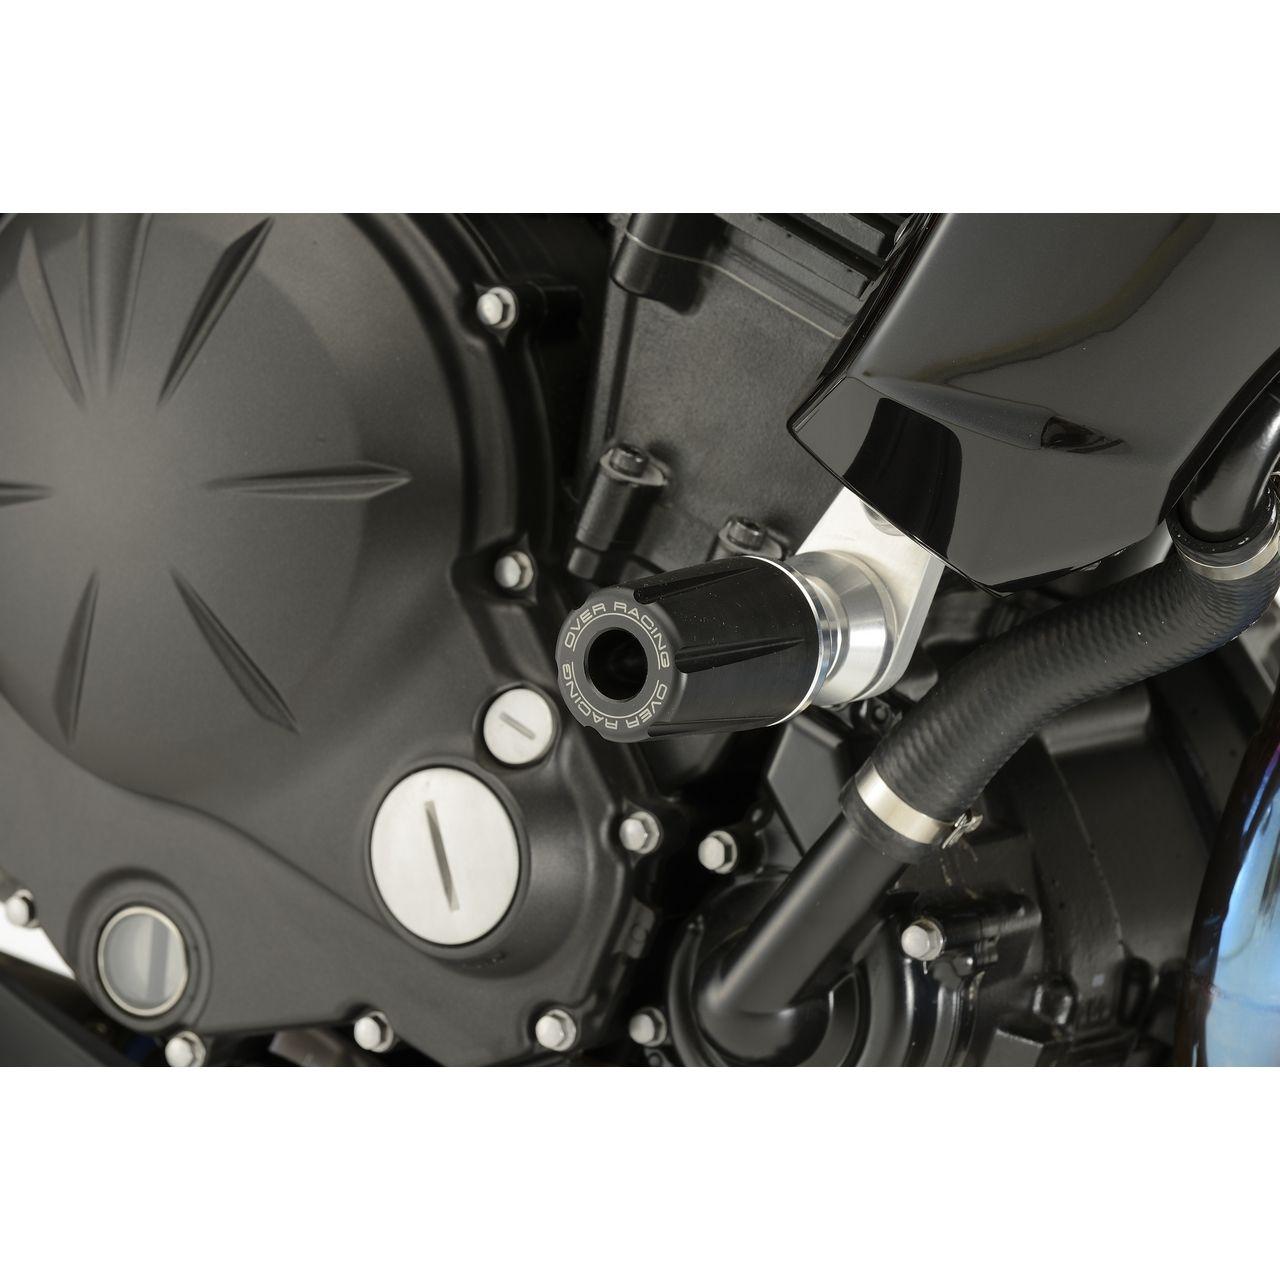 【OVER】引擎防倒滑塊(防倒球) - 「Webike-摩托百貨」